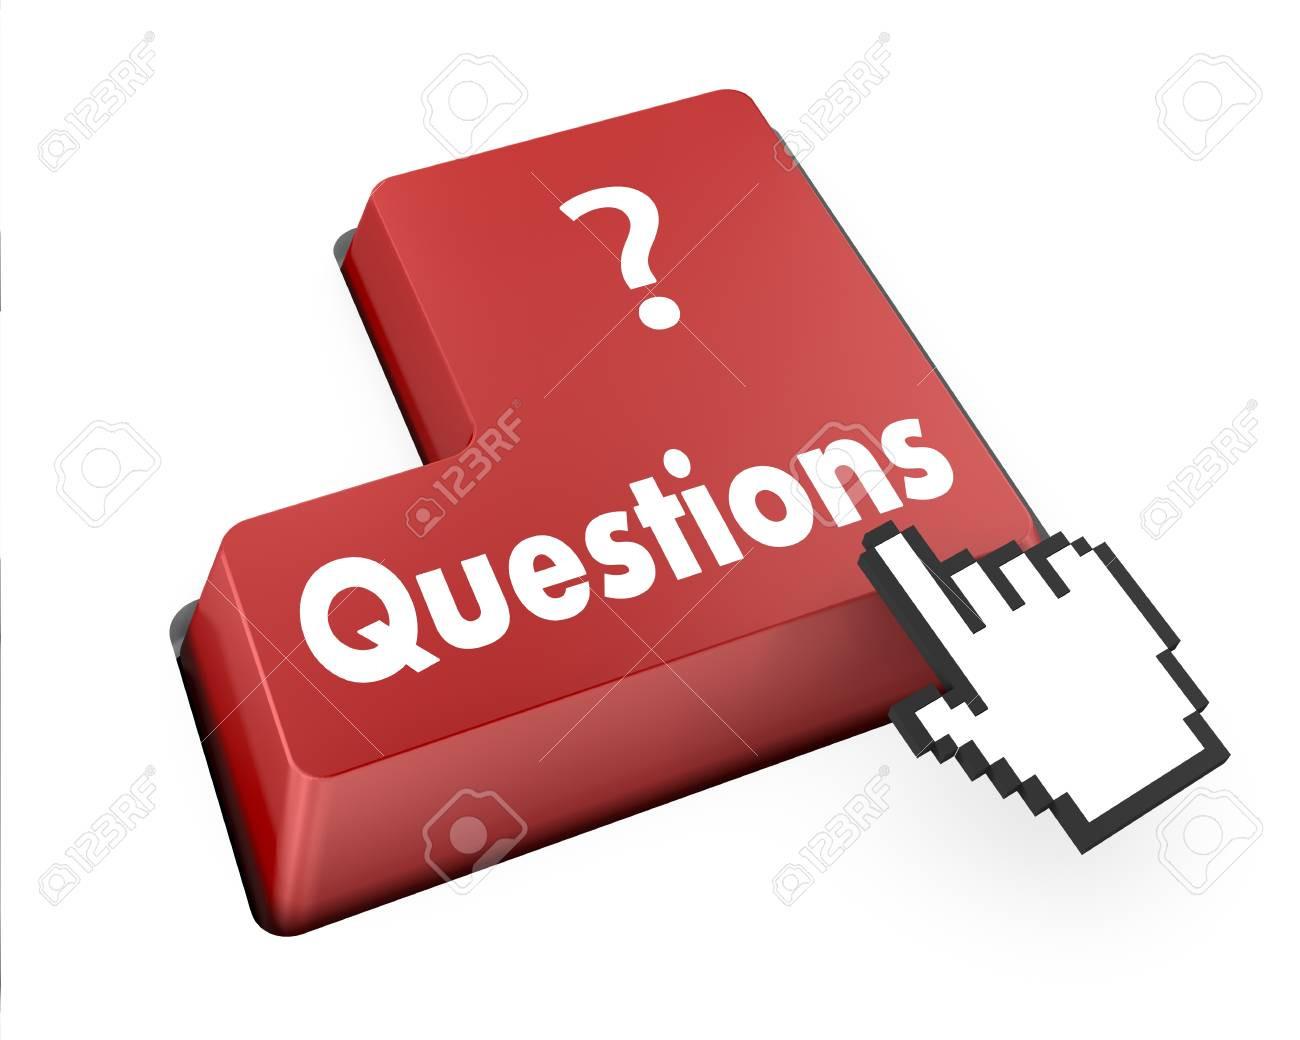 1 jour, 10 questions (7)